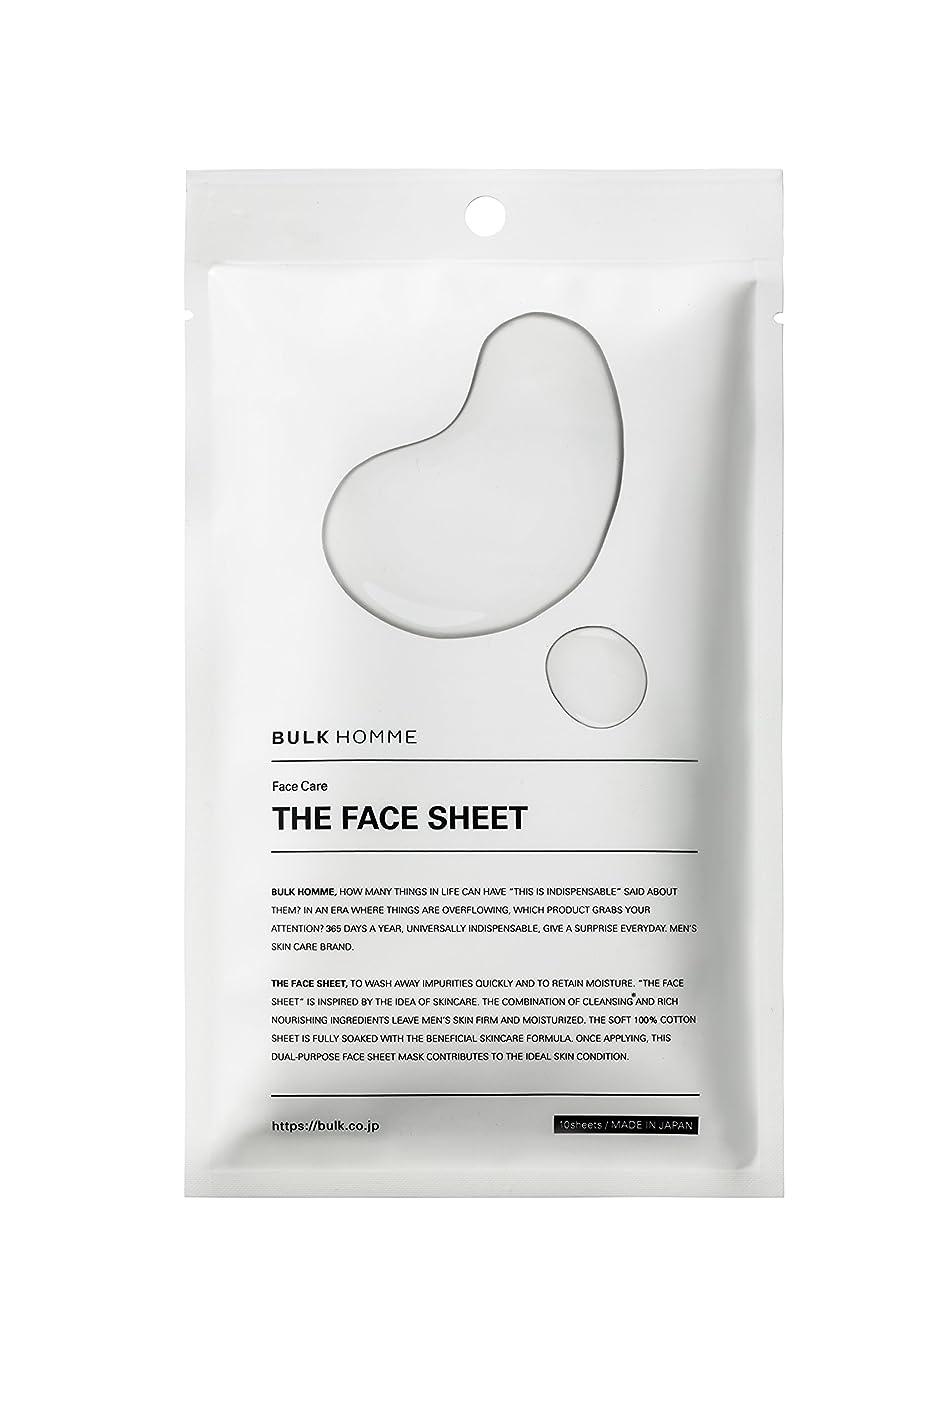 びっくりしたするだろう実際バルクオム THE FACE SHEET フェイスシート(低刺激 拭き取り化粧水)10枚